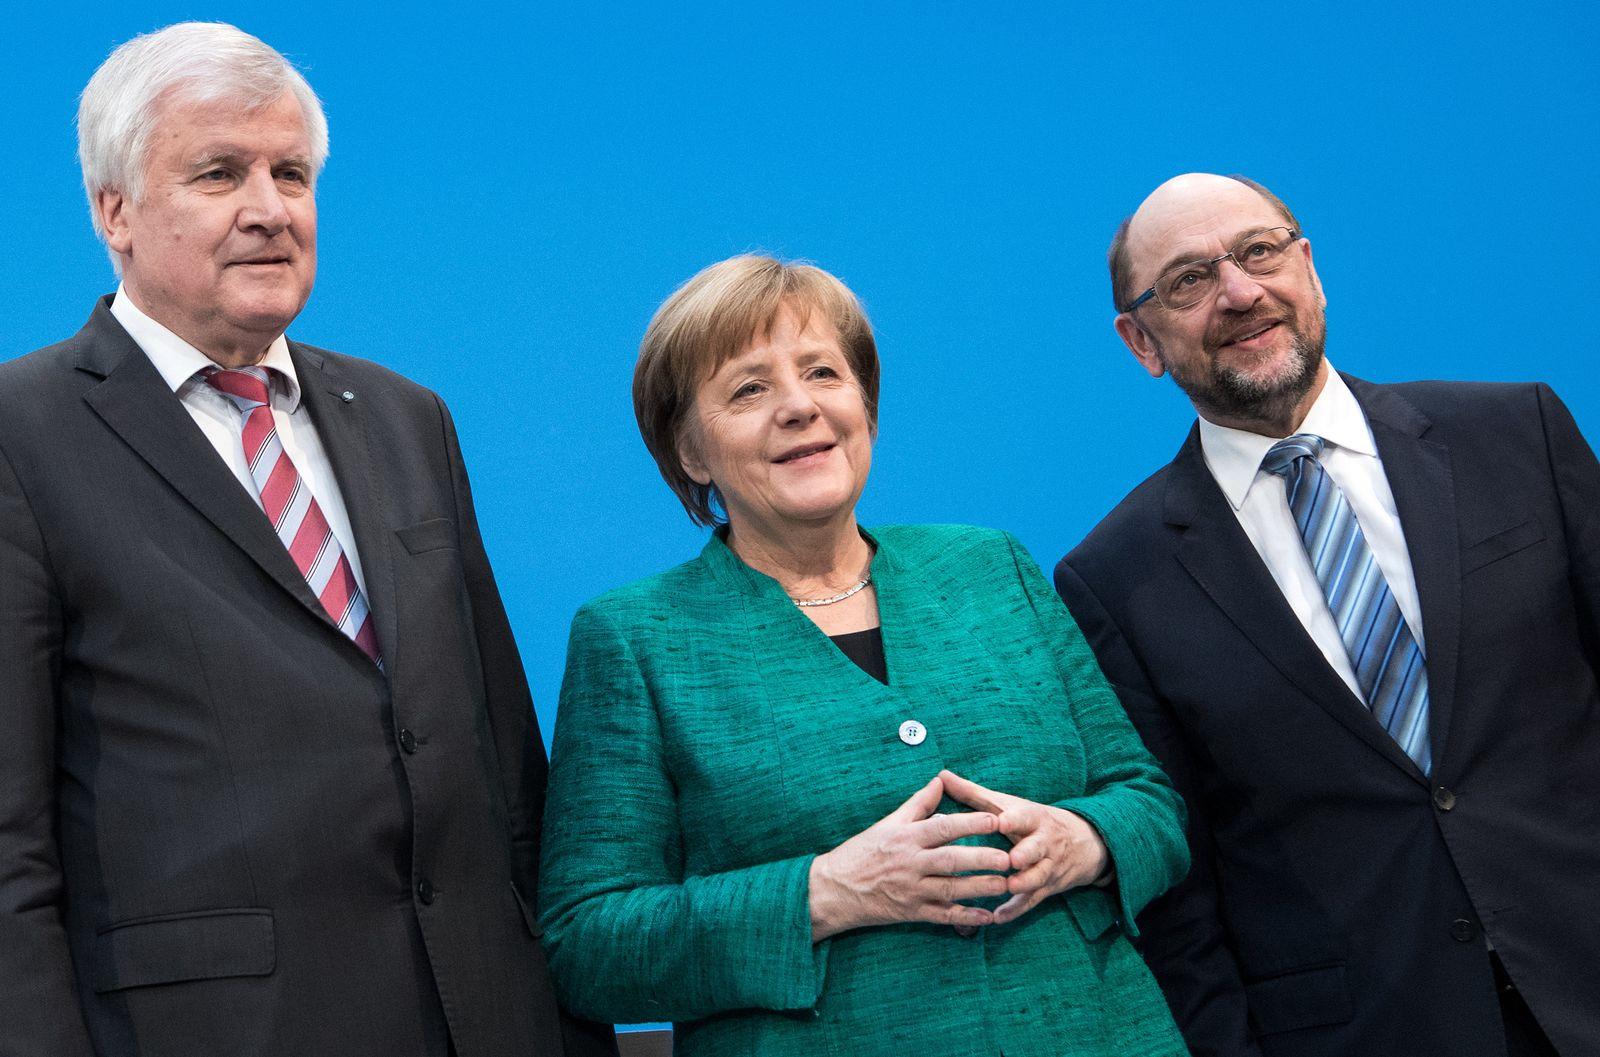 Koalitionsverhandlungen / Merkel / Seehofer / Schulz